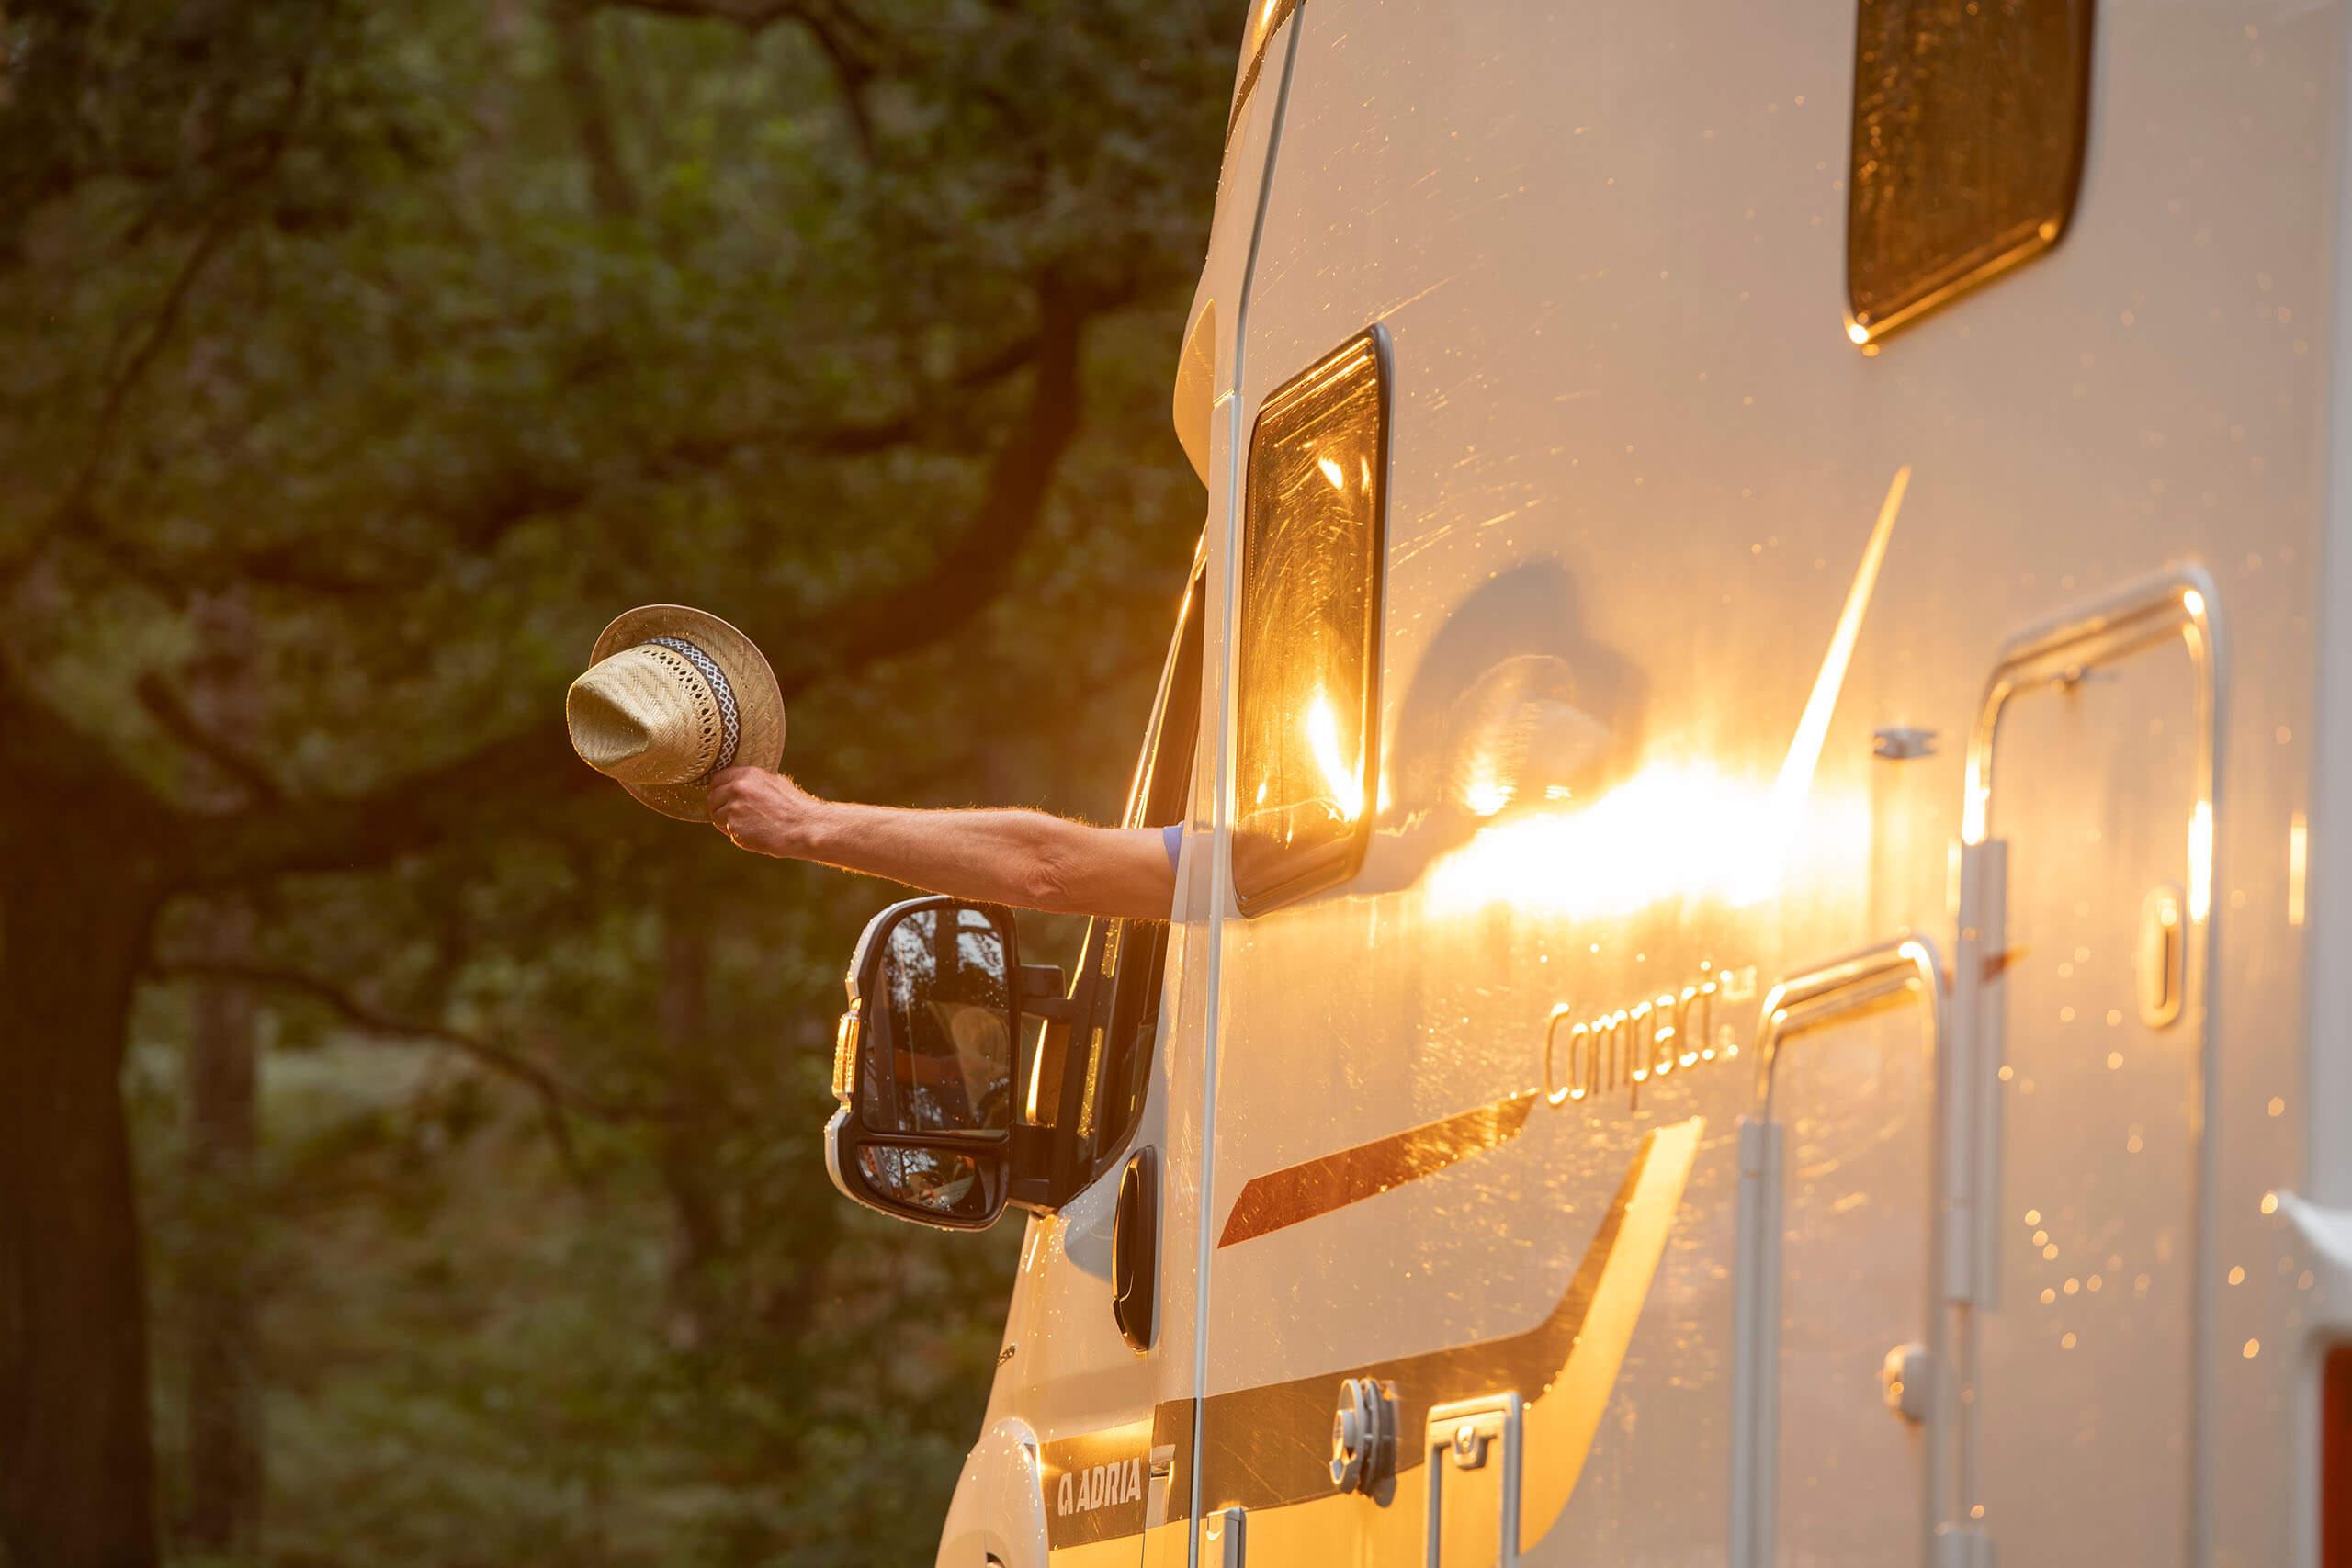 fotografie campagne beleving Roozeboom campers balkbrug overijssel